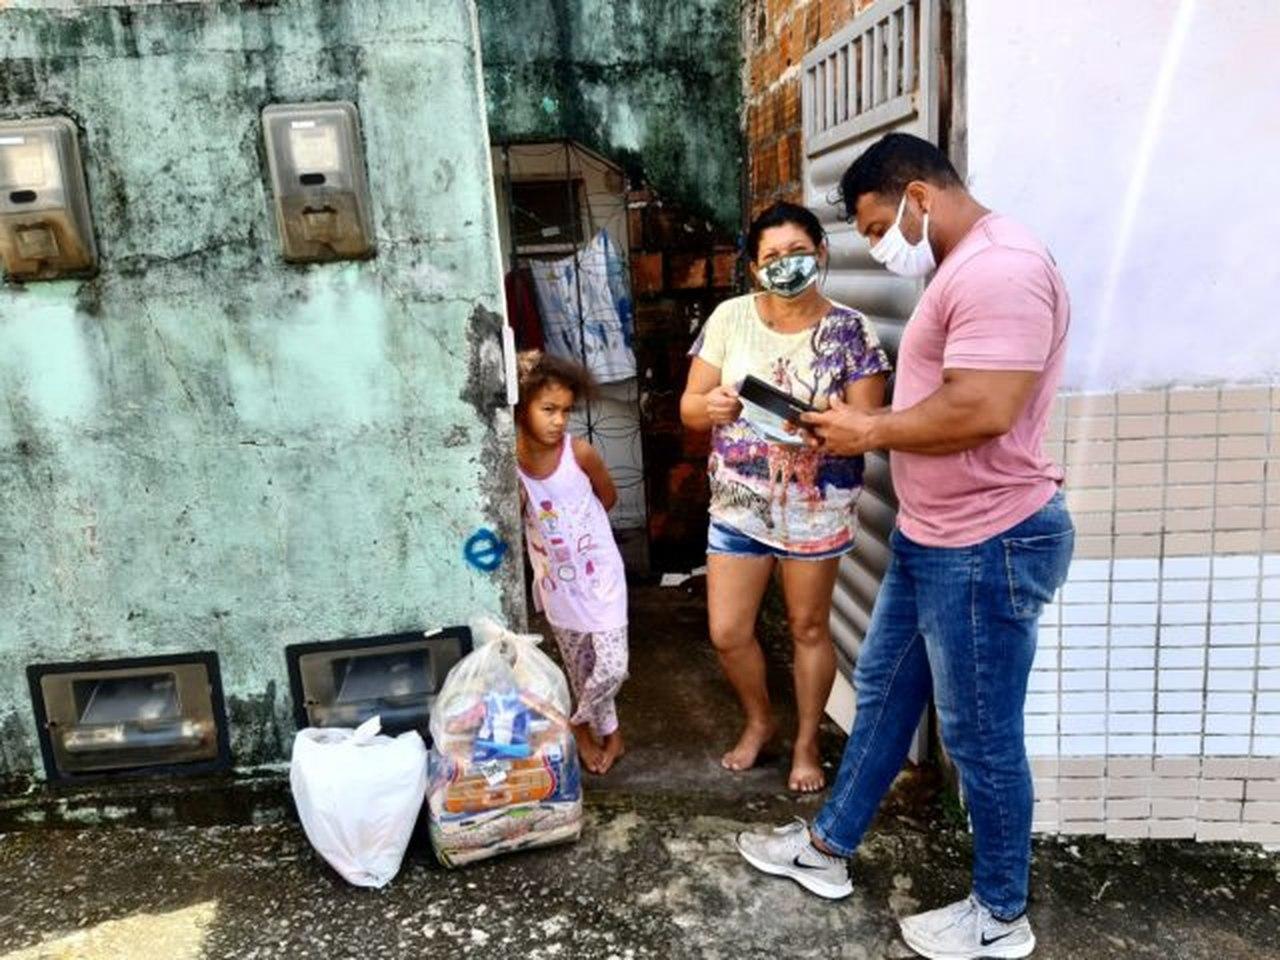 06082020 jpfeira Easy Resize.com - JOÃO PESSOA : Prefeitura beneficia mais 535 famílias com a entrega de cestas nutricionais e kits de higiene em diversas comunidades da Capital